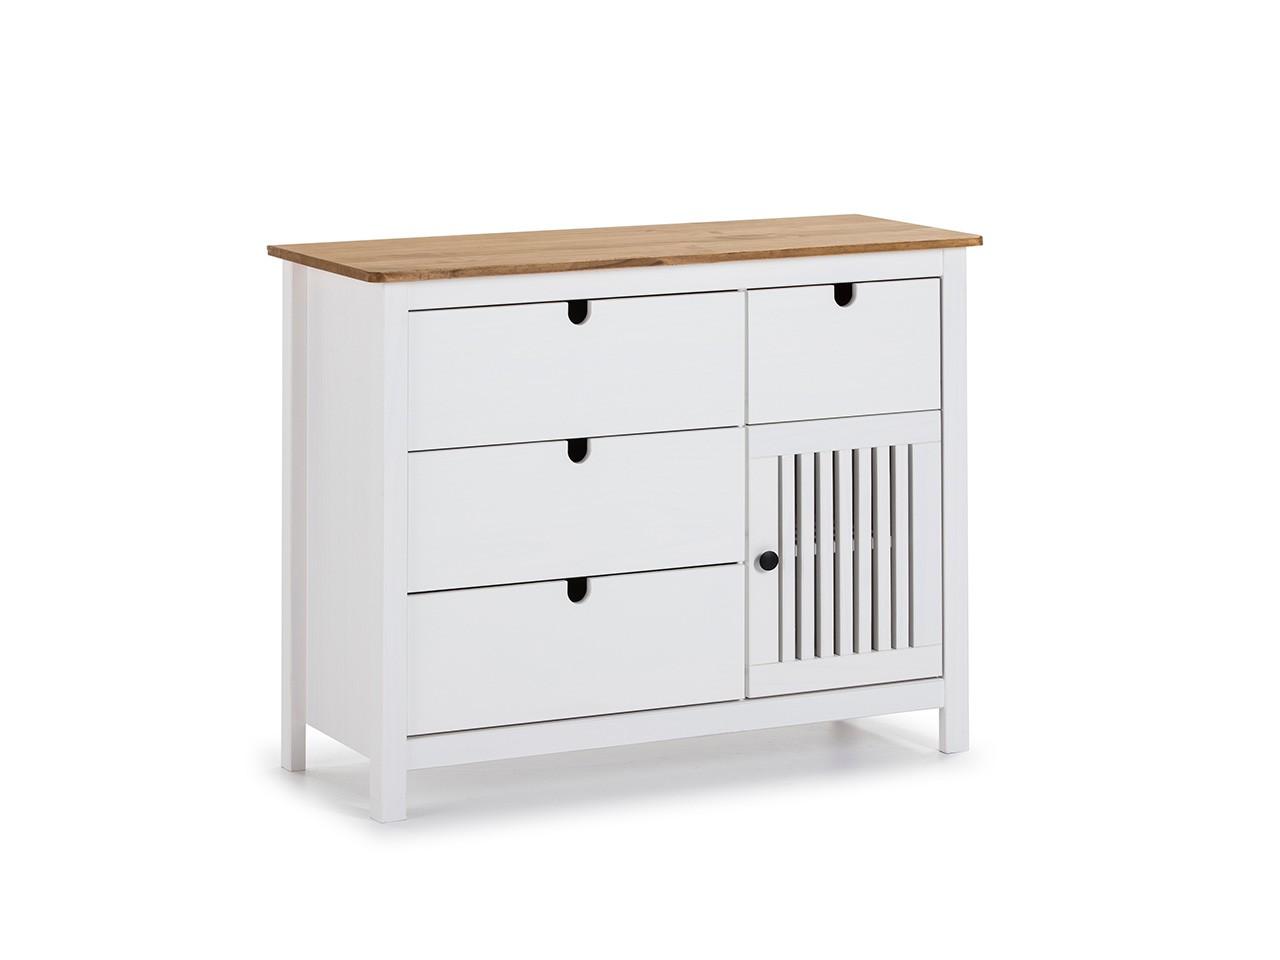 Mesas de Cocina Baratas y Mesas de Cocina Extensibles - Dicoro